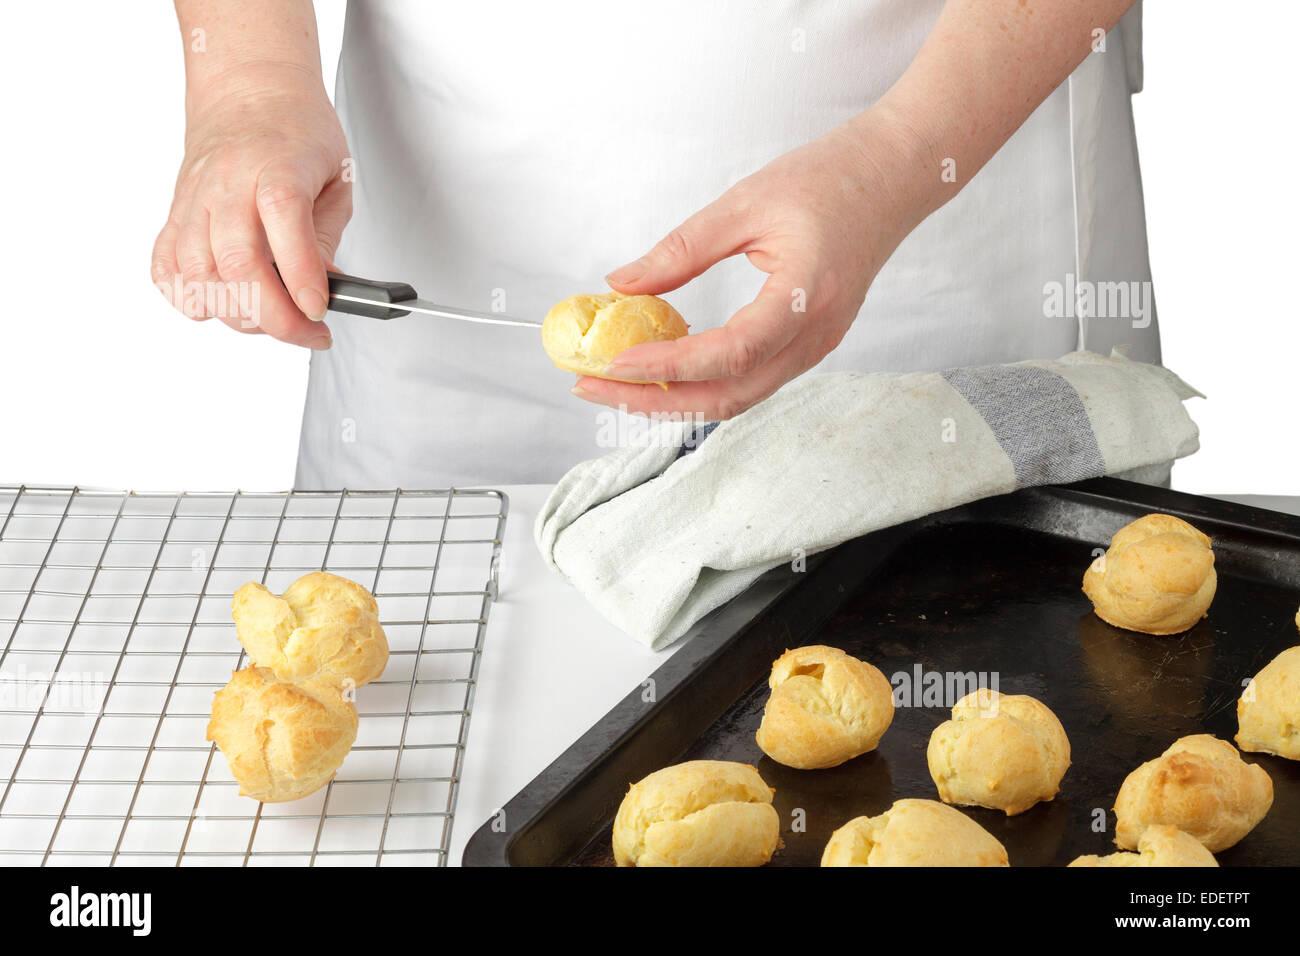 Mains perçant un trou dans une boulangerie juste profiterole Photo Stock